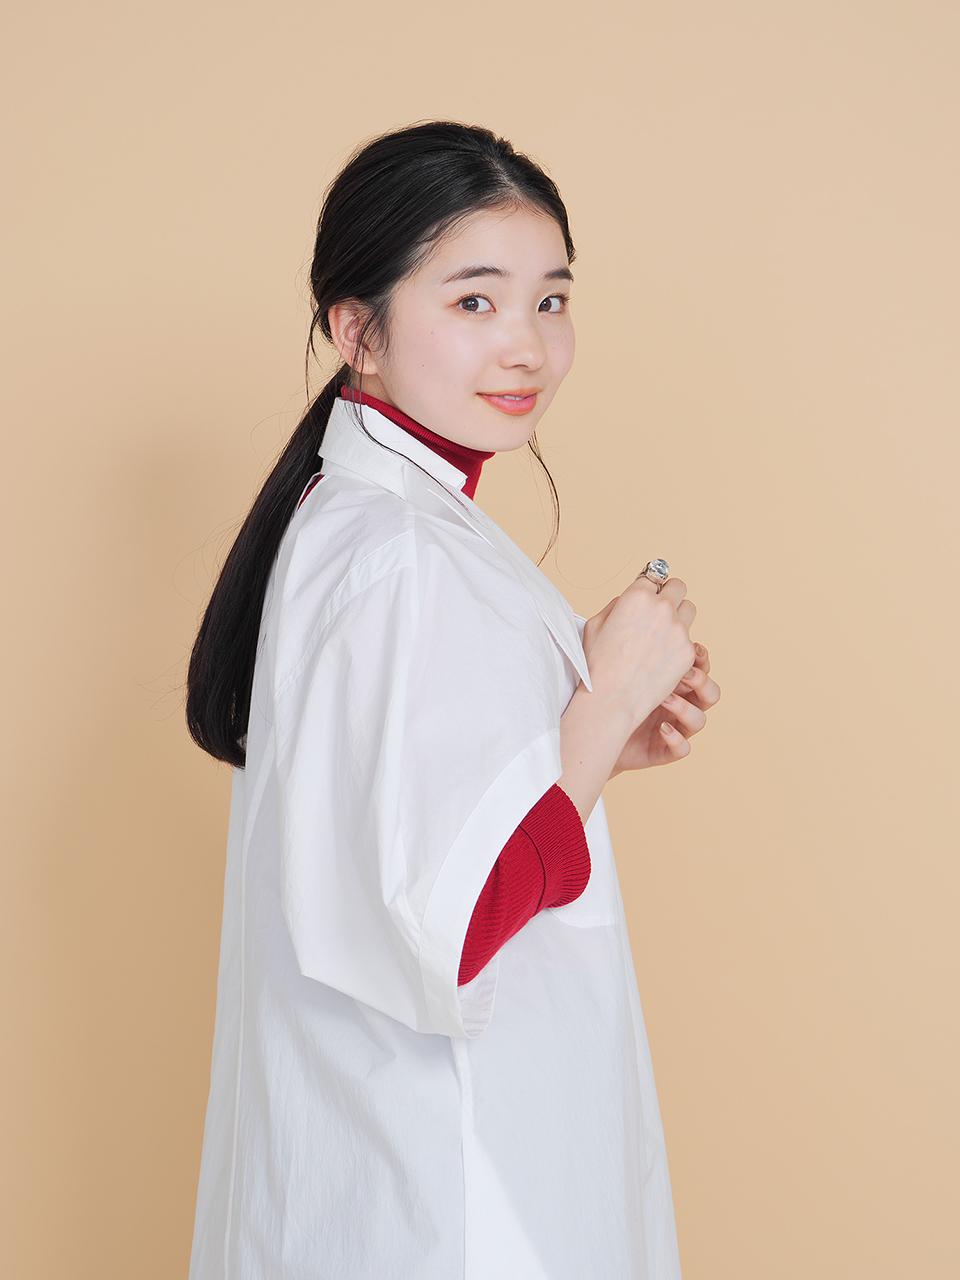 桃子 福地